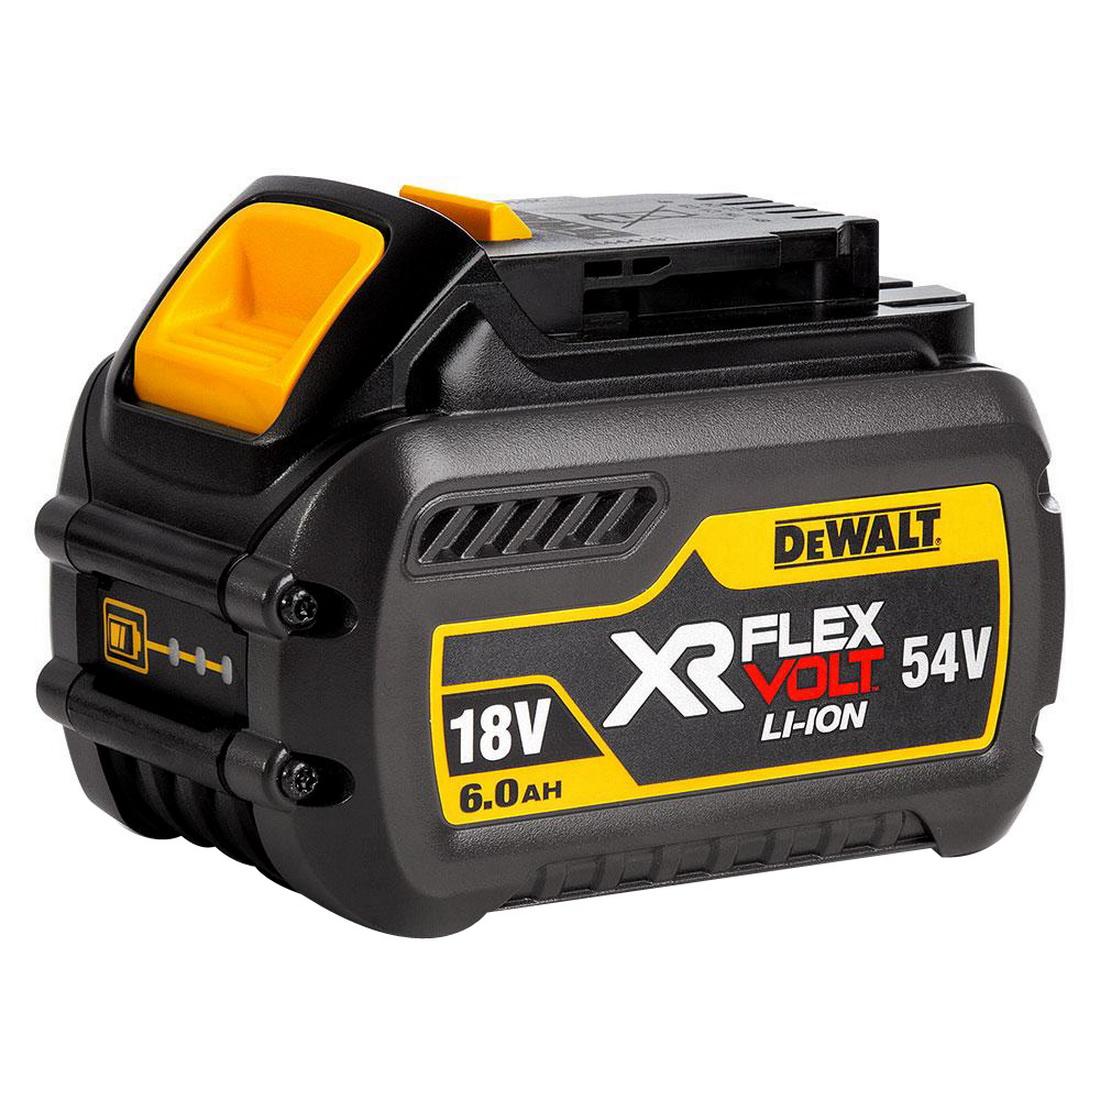 FLEXVOLT 18/54V 6Ah XR Lithium-Ion Battery Pack with Fuel Gauge